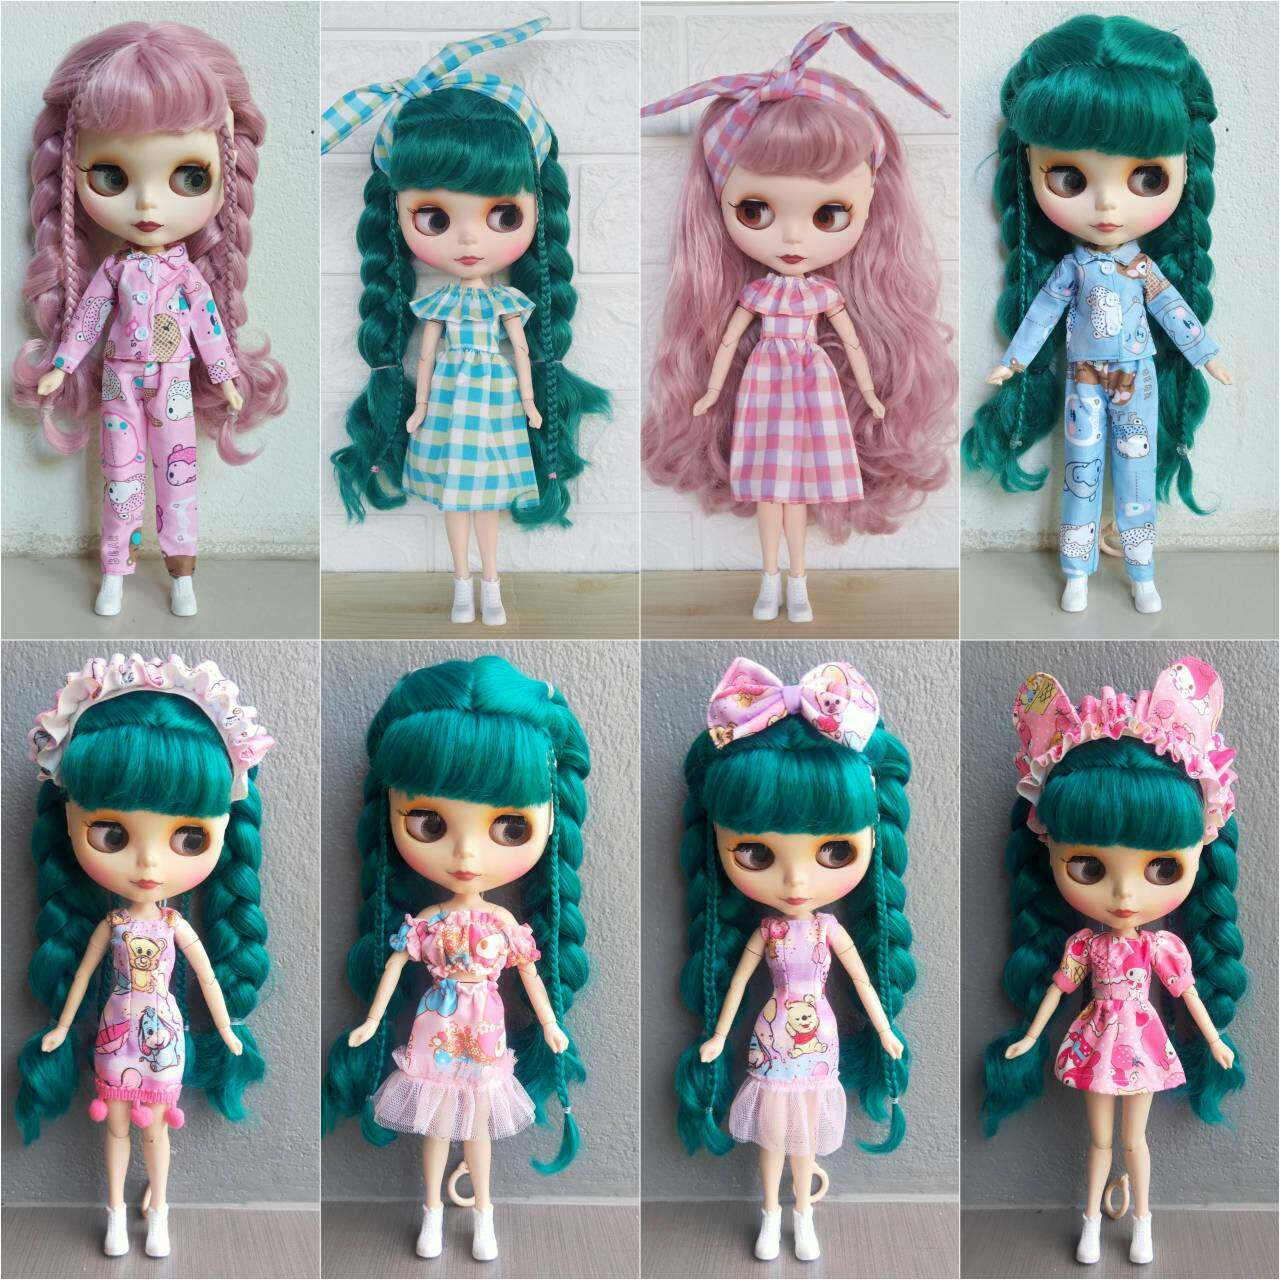 ชุดบลายธ์ บลายธ์ ชุดตุ๊กตาบลายธ์ งานสั่งตัดมีจำนวนจำกัดนะคะ Blythe 1/6 ชุดตุ๊กตา เดรสตุ๊กตา.